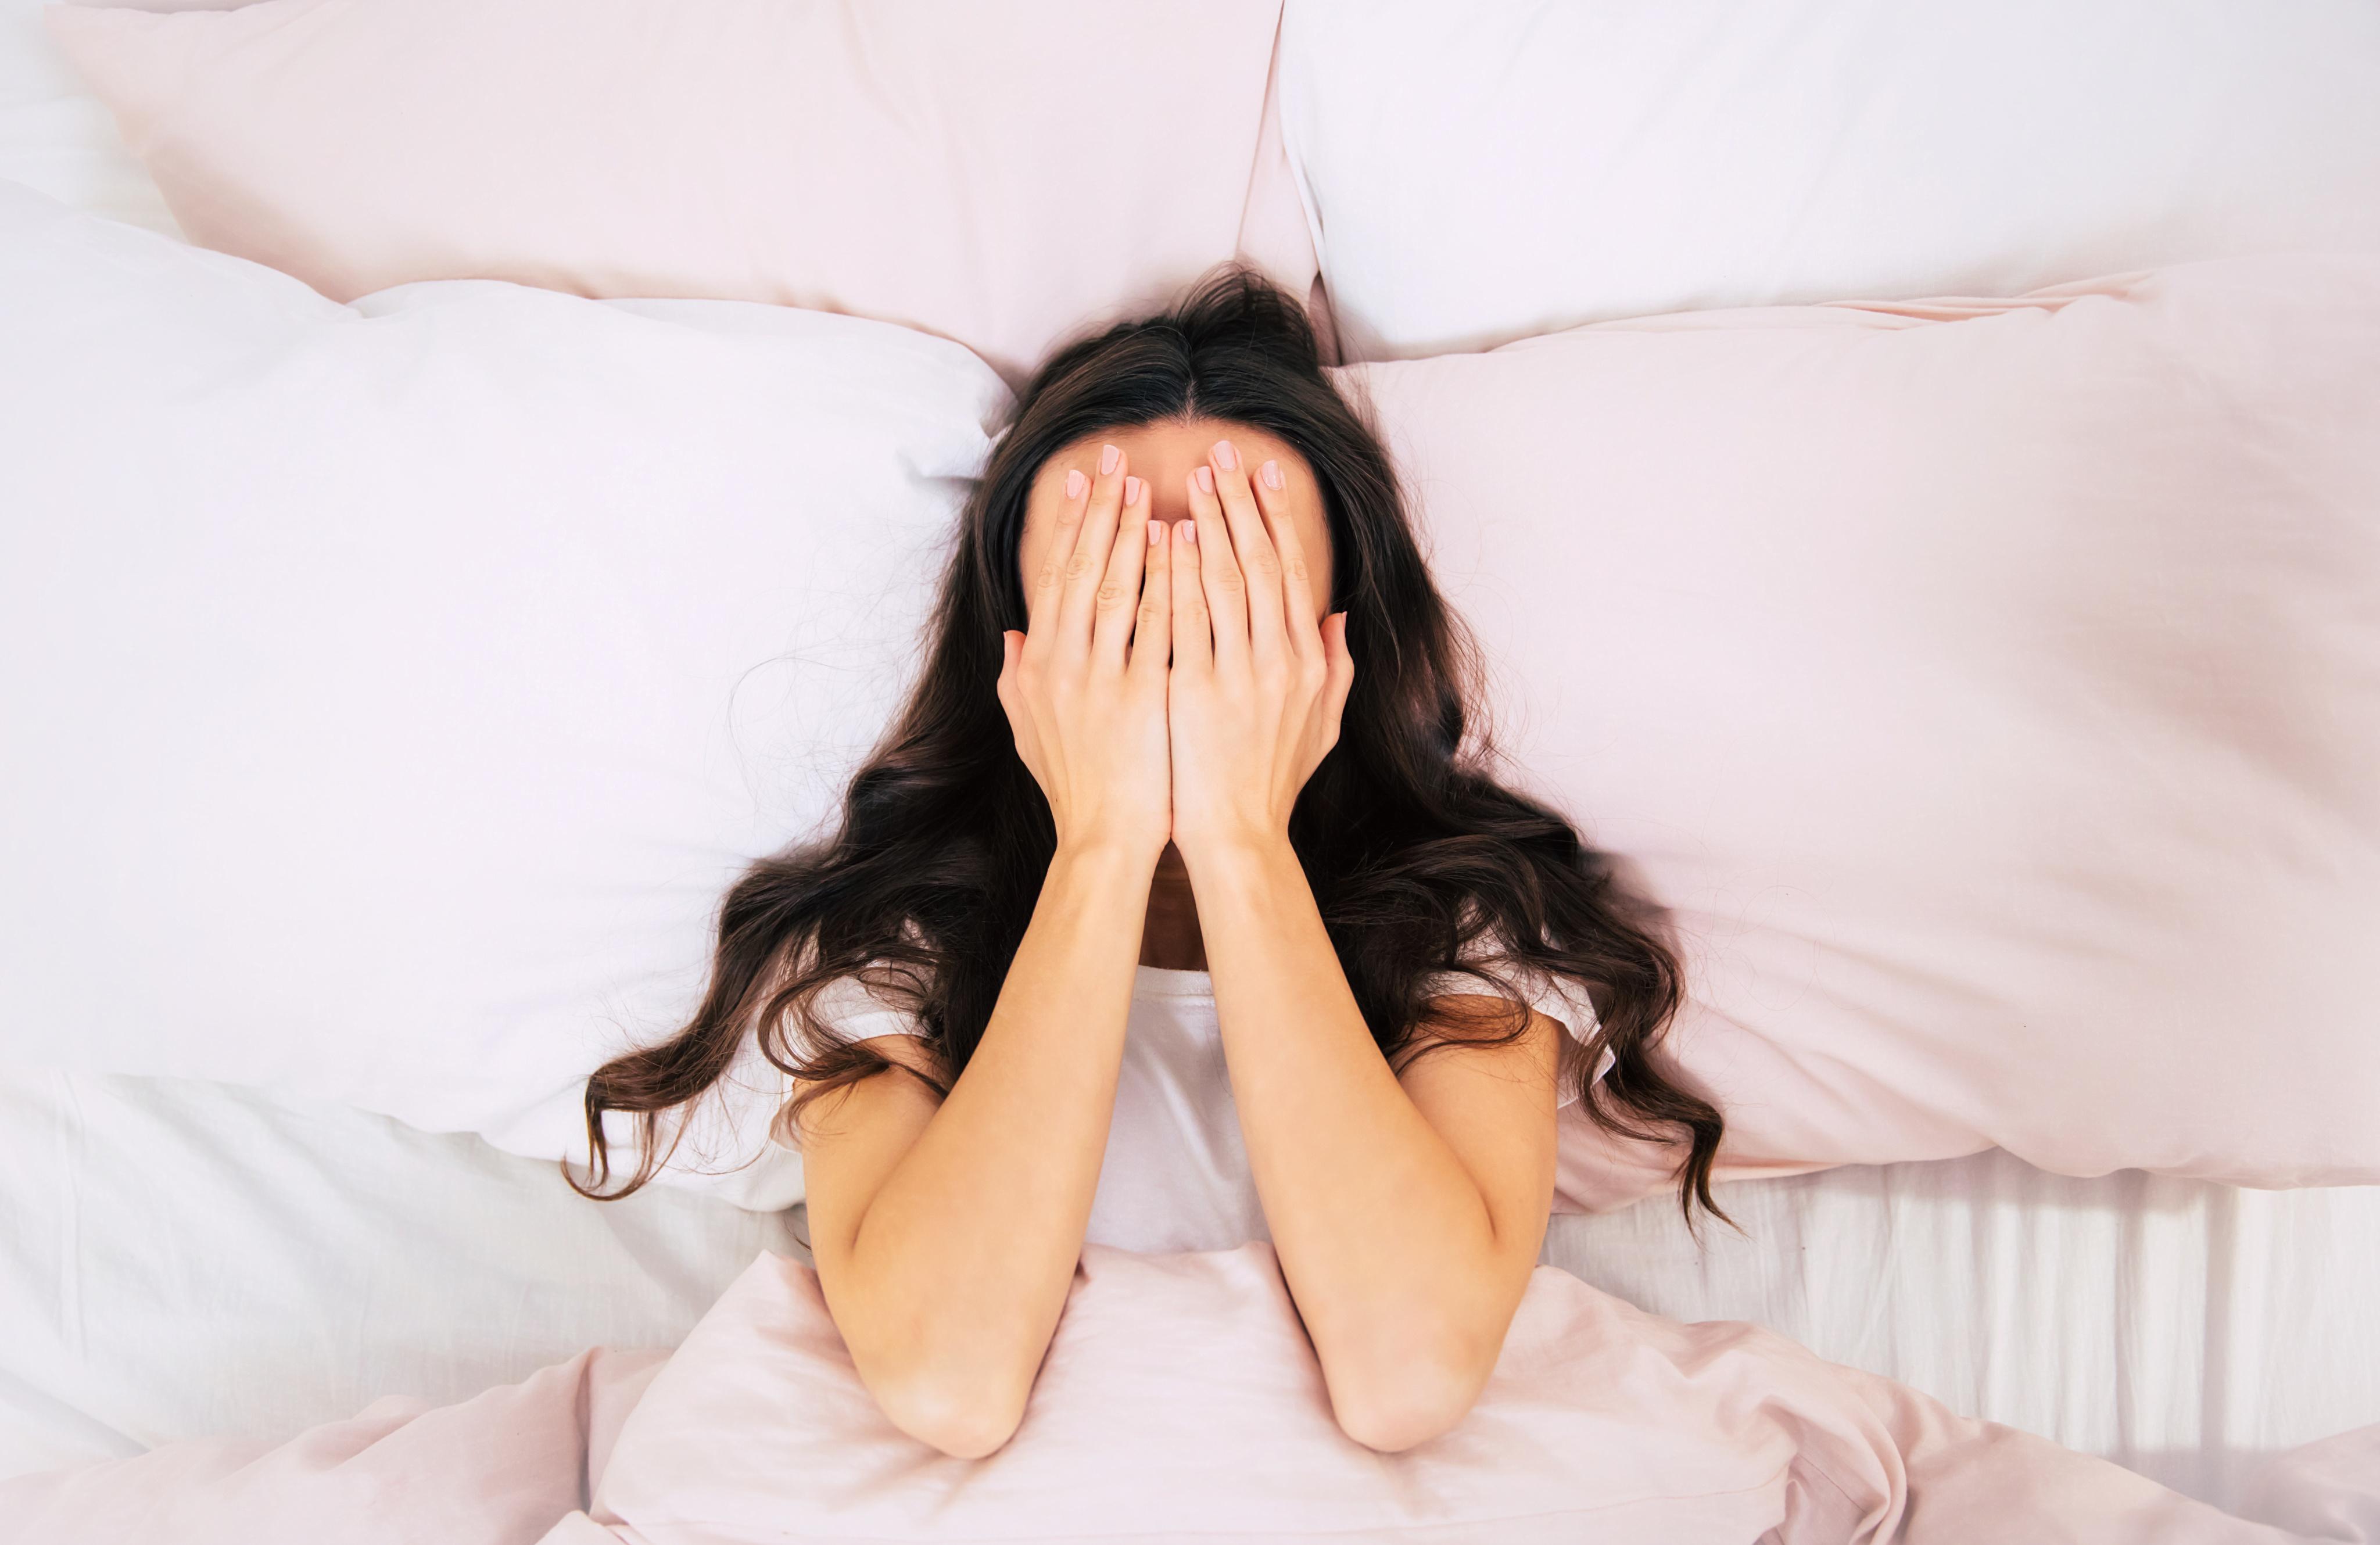 pierderea somnului cauzează creșterea în greutate